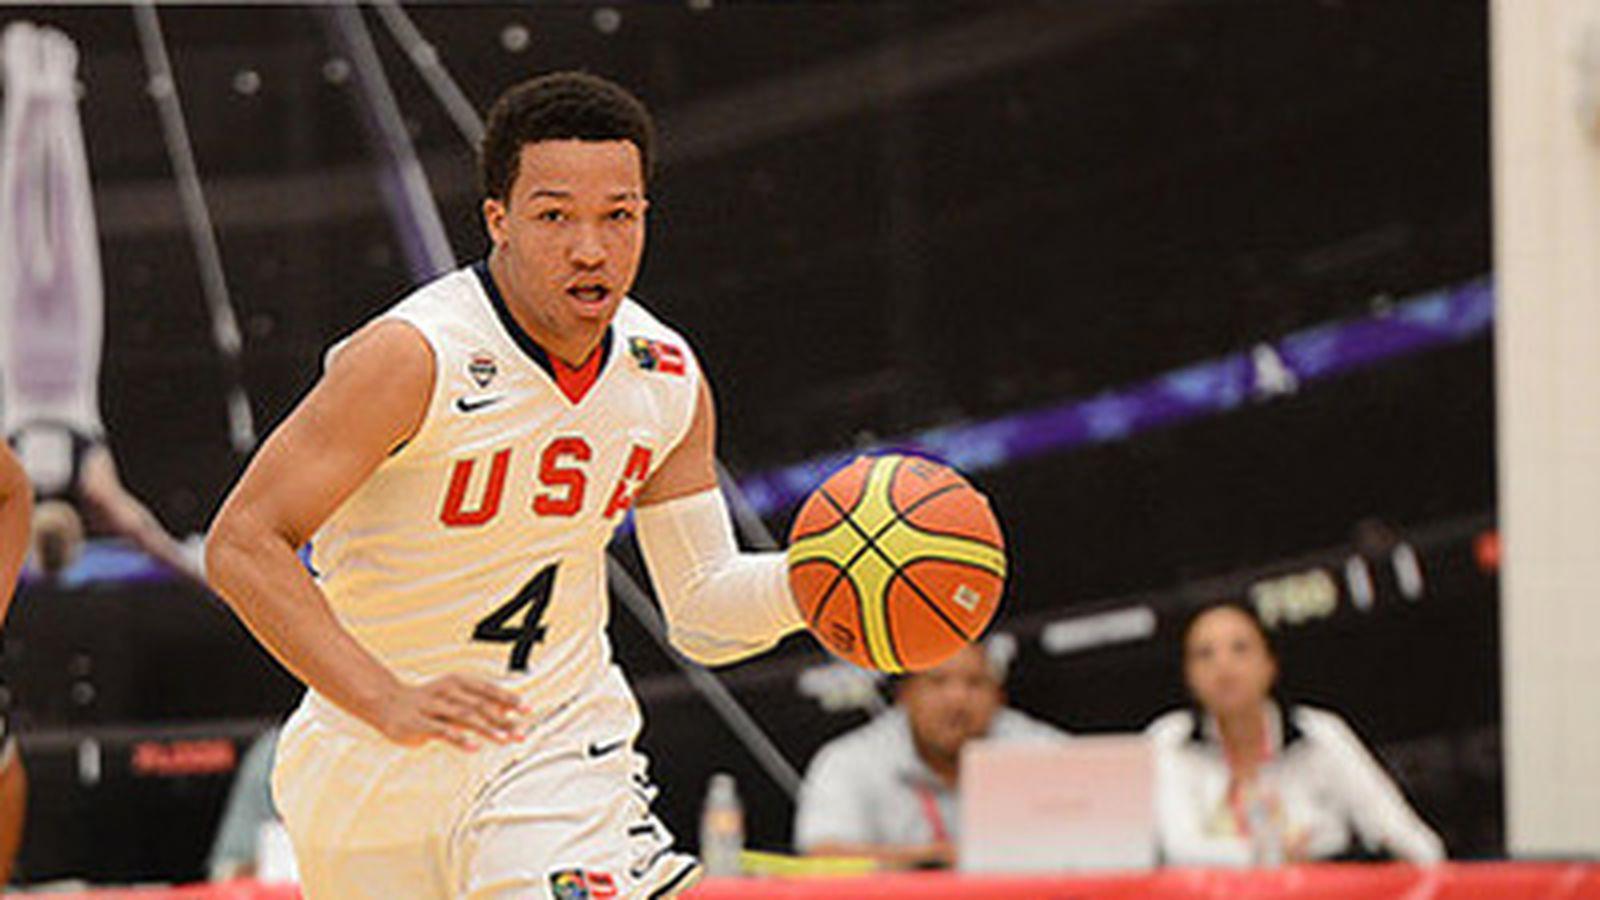 usa basketball big 3 - photo #14